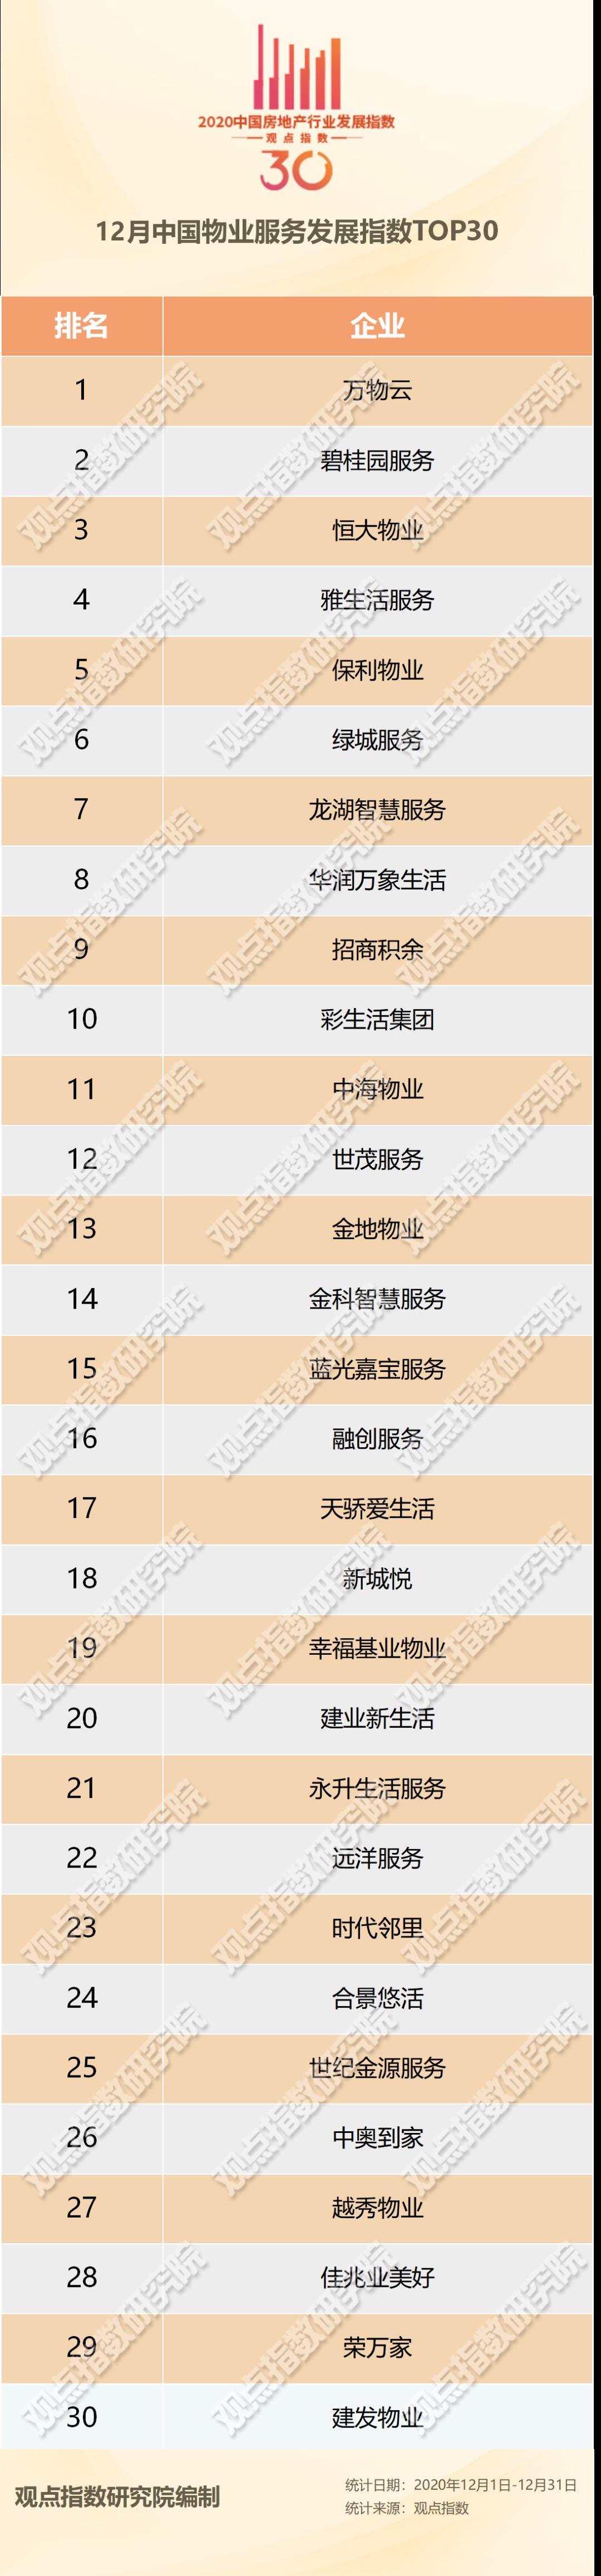 12月中国物业服务TOP30报告·观点月度指数